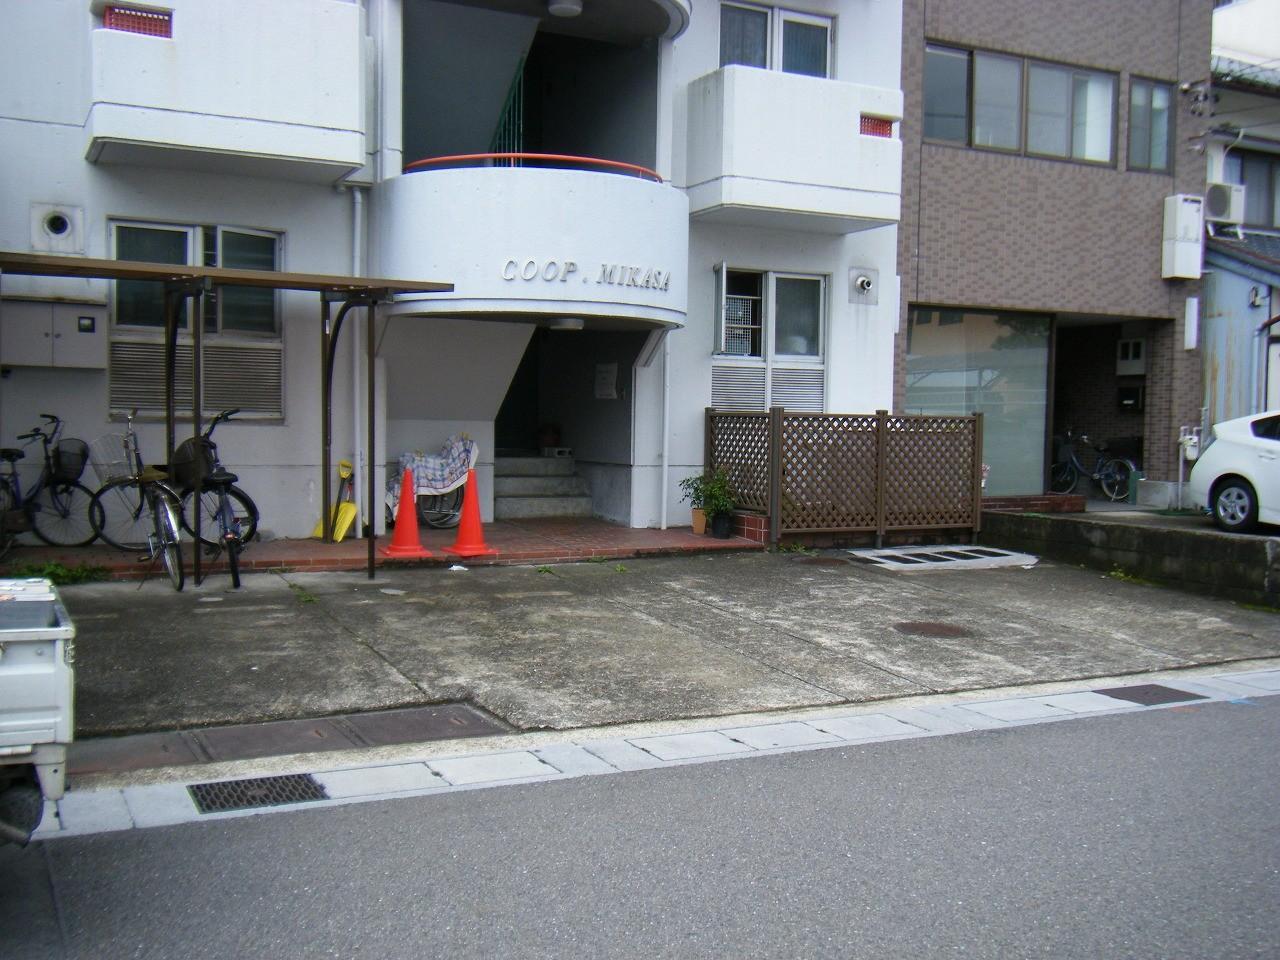 駐車スペースは車が乗るため、塗装ではリニューアルしにくいもの